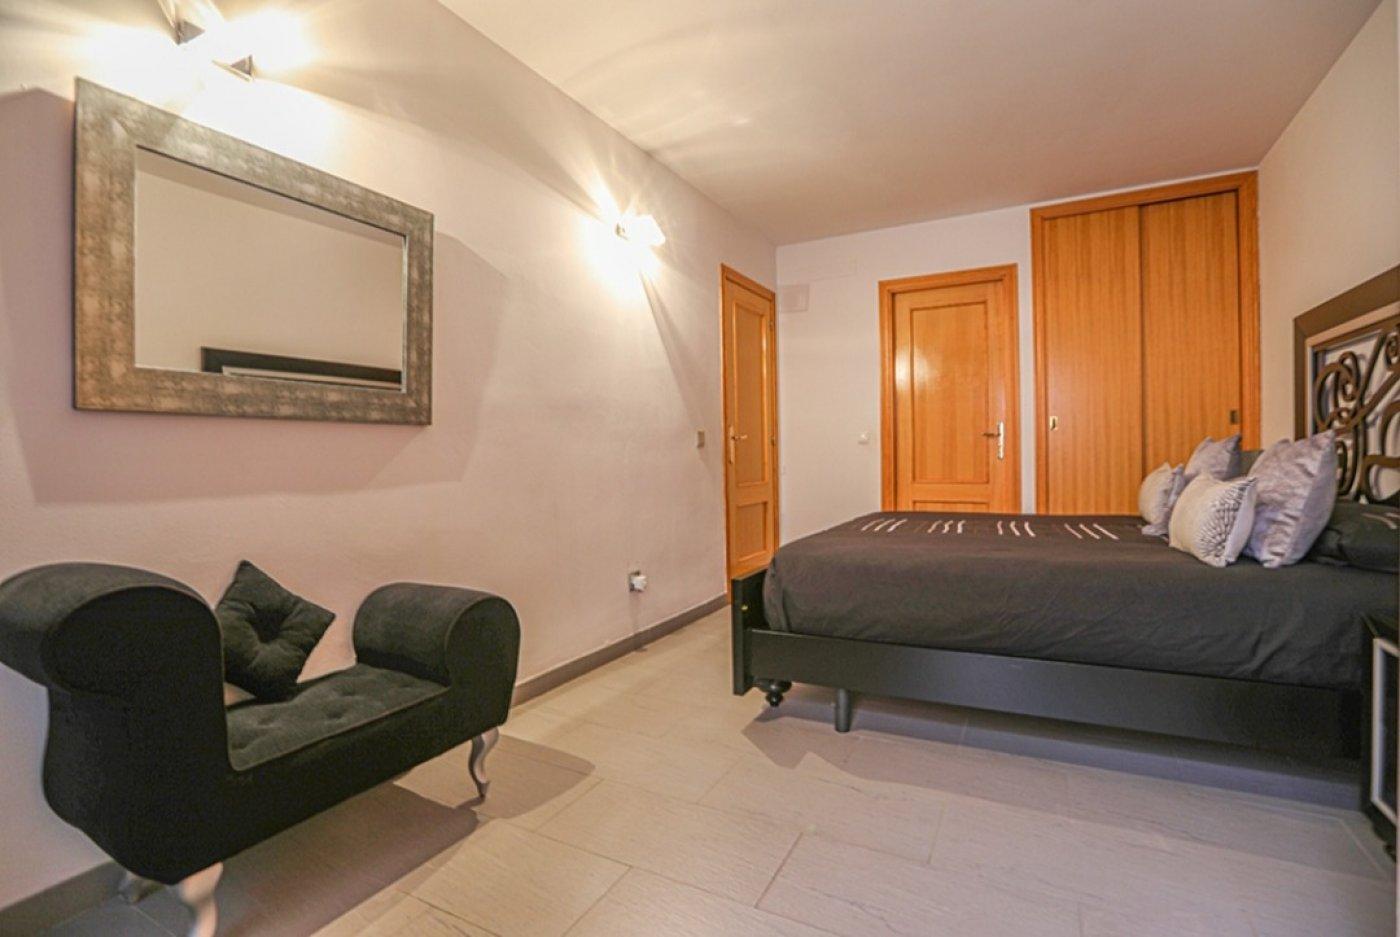 Se vende bonito apartamento semi nuevo con parking en andratx - imagenInmueble13